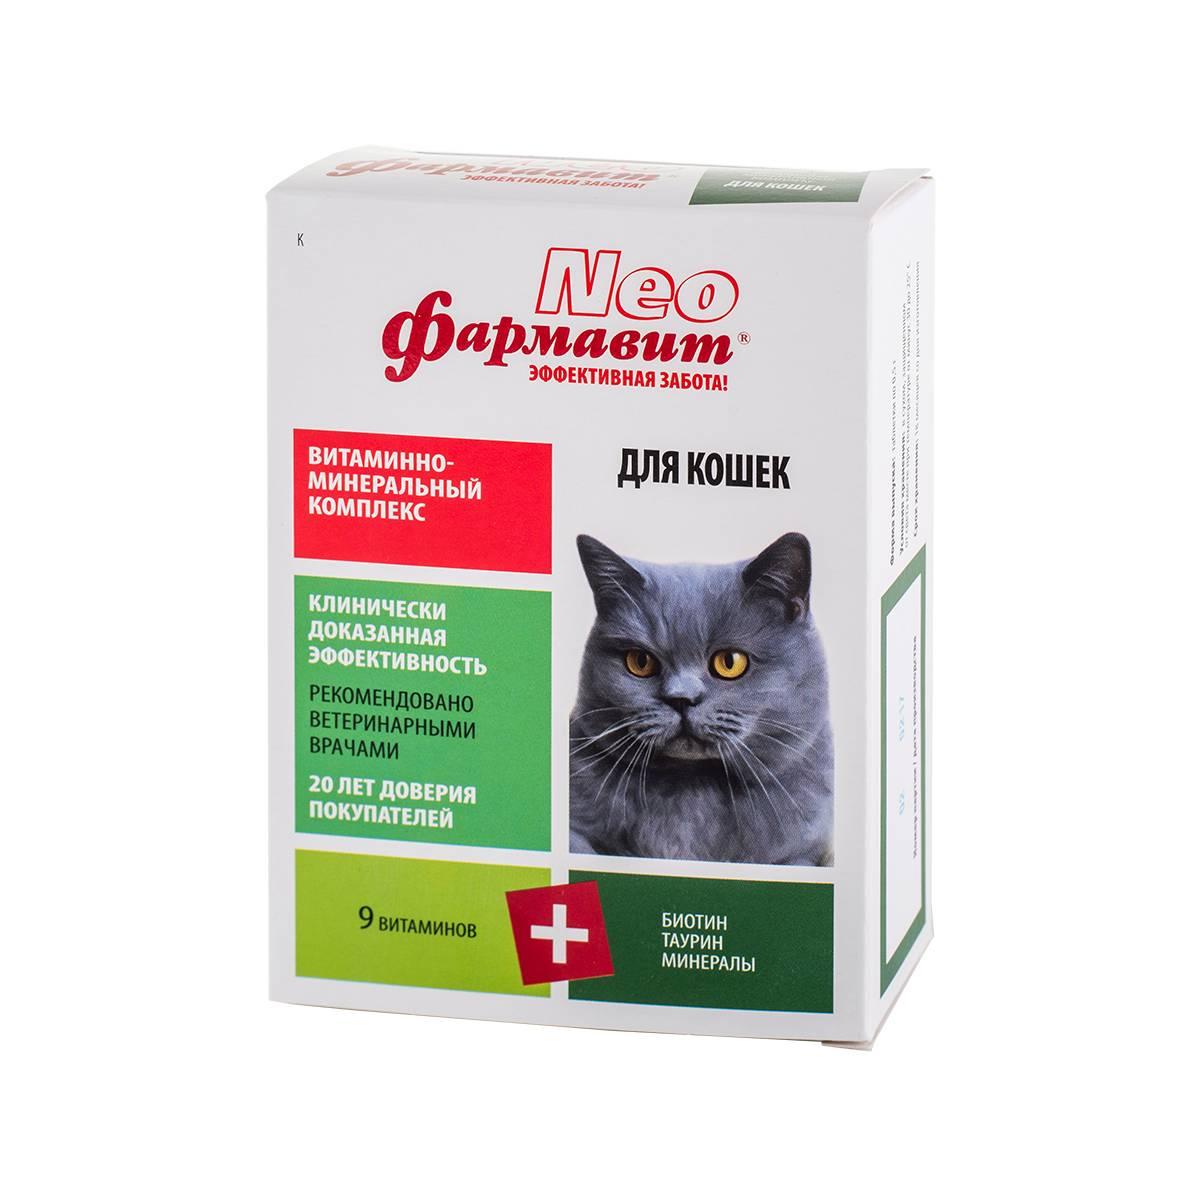 витамины для кошек: для иммунитета, для старых, стерилизованных, отзывы